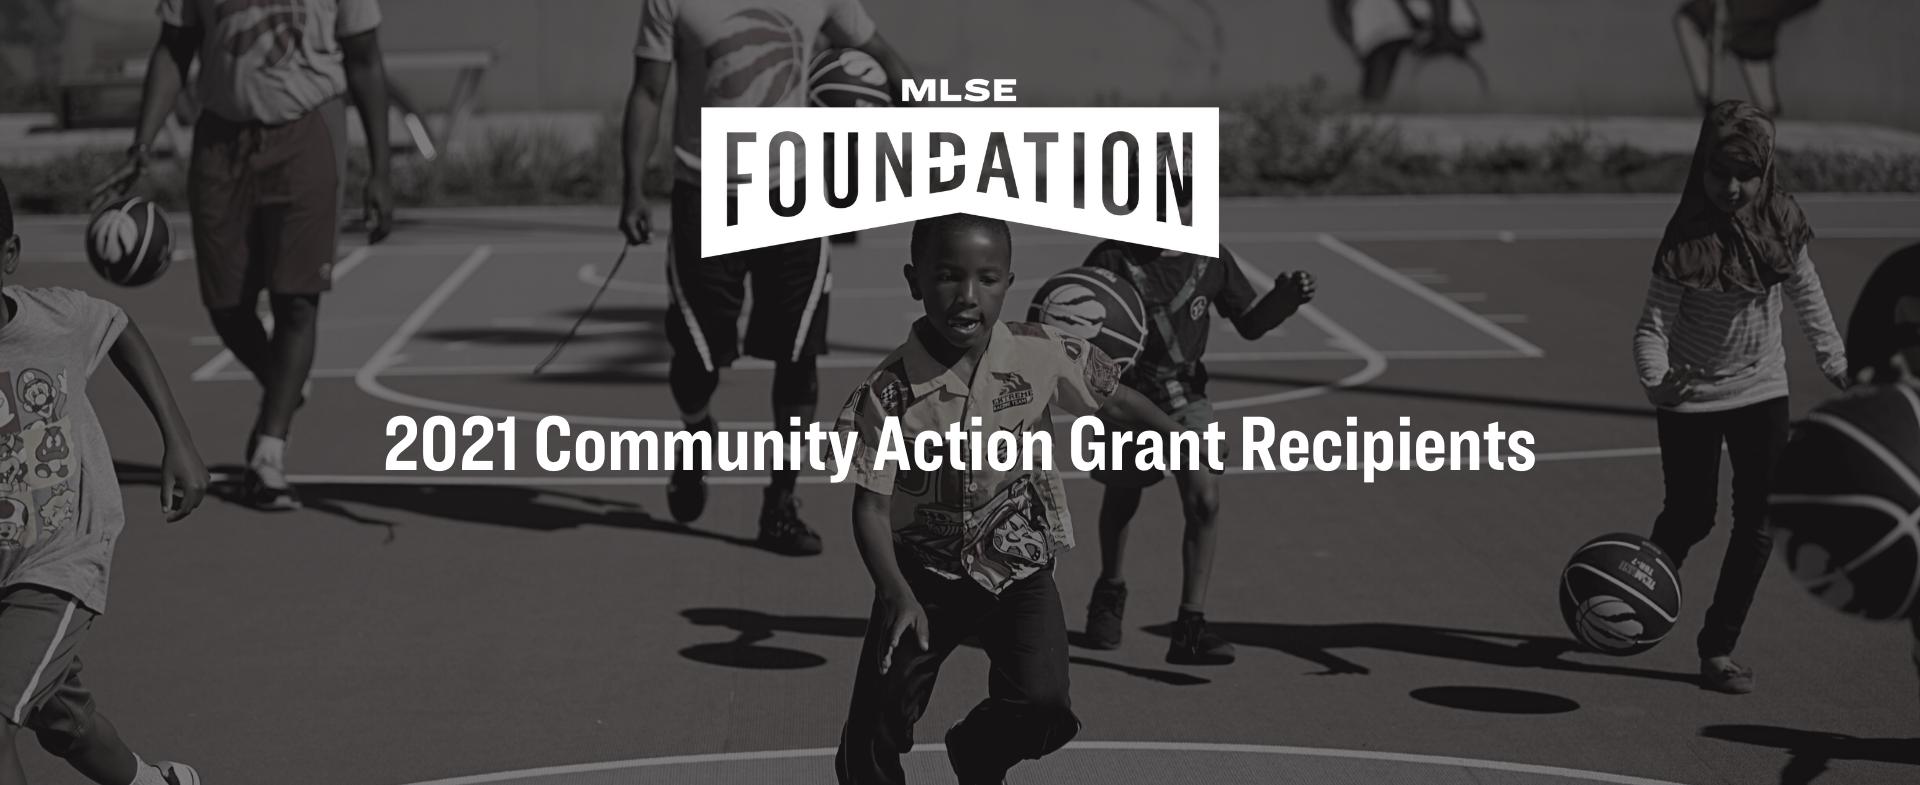 MLSE Foundation announces 2021 Community Action Grant recipients